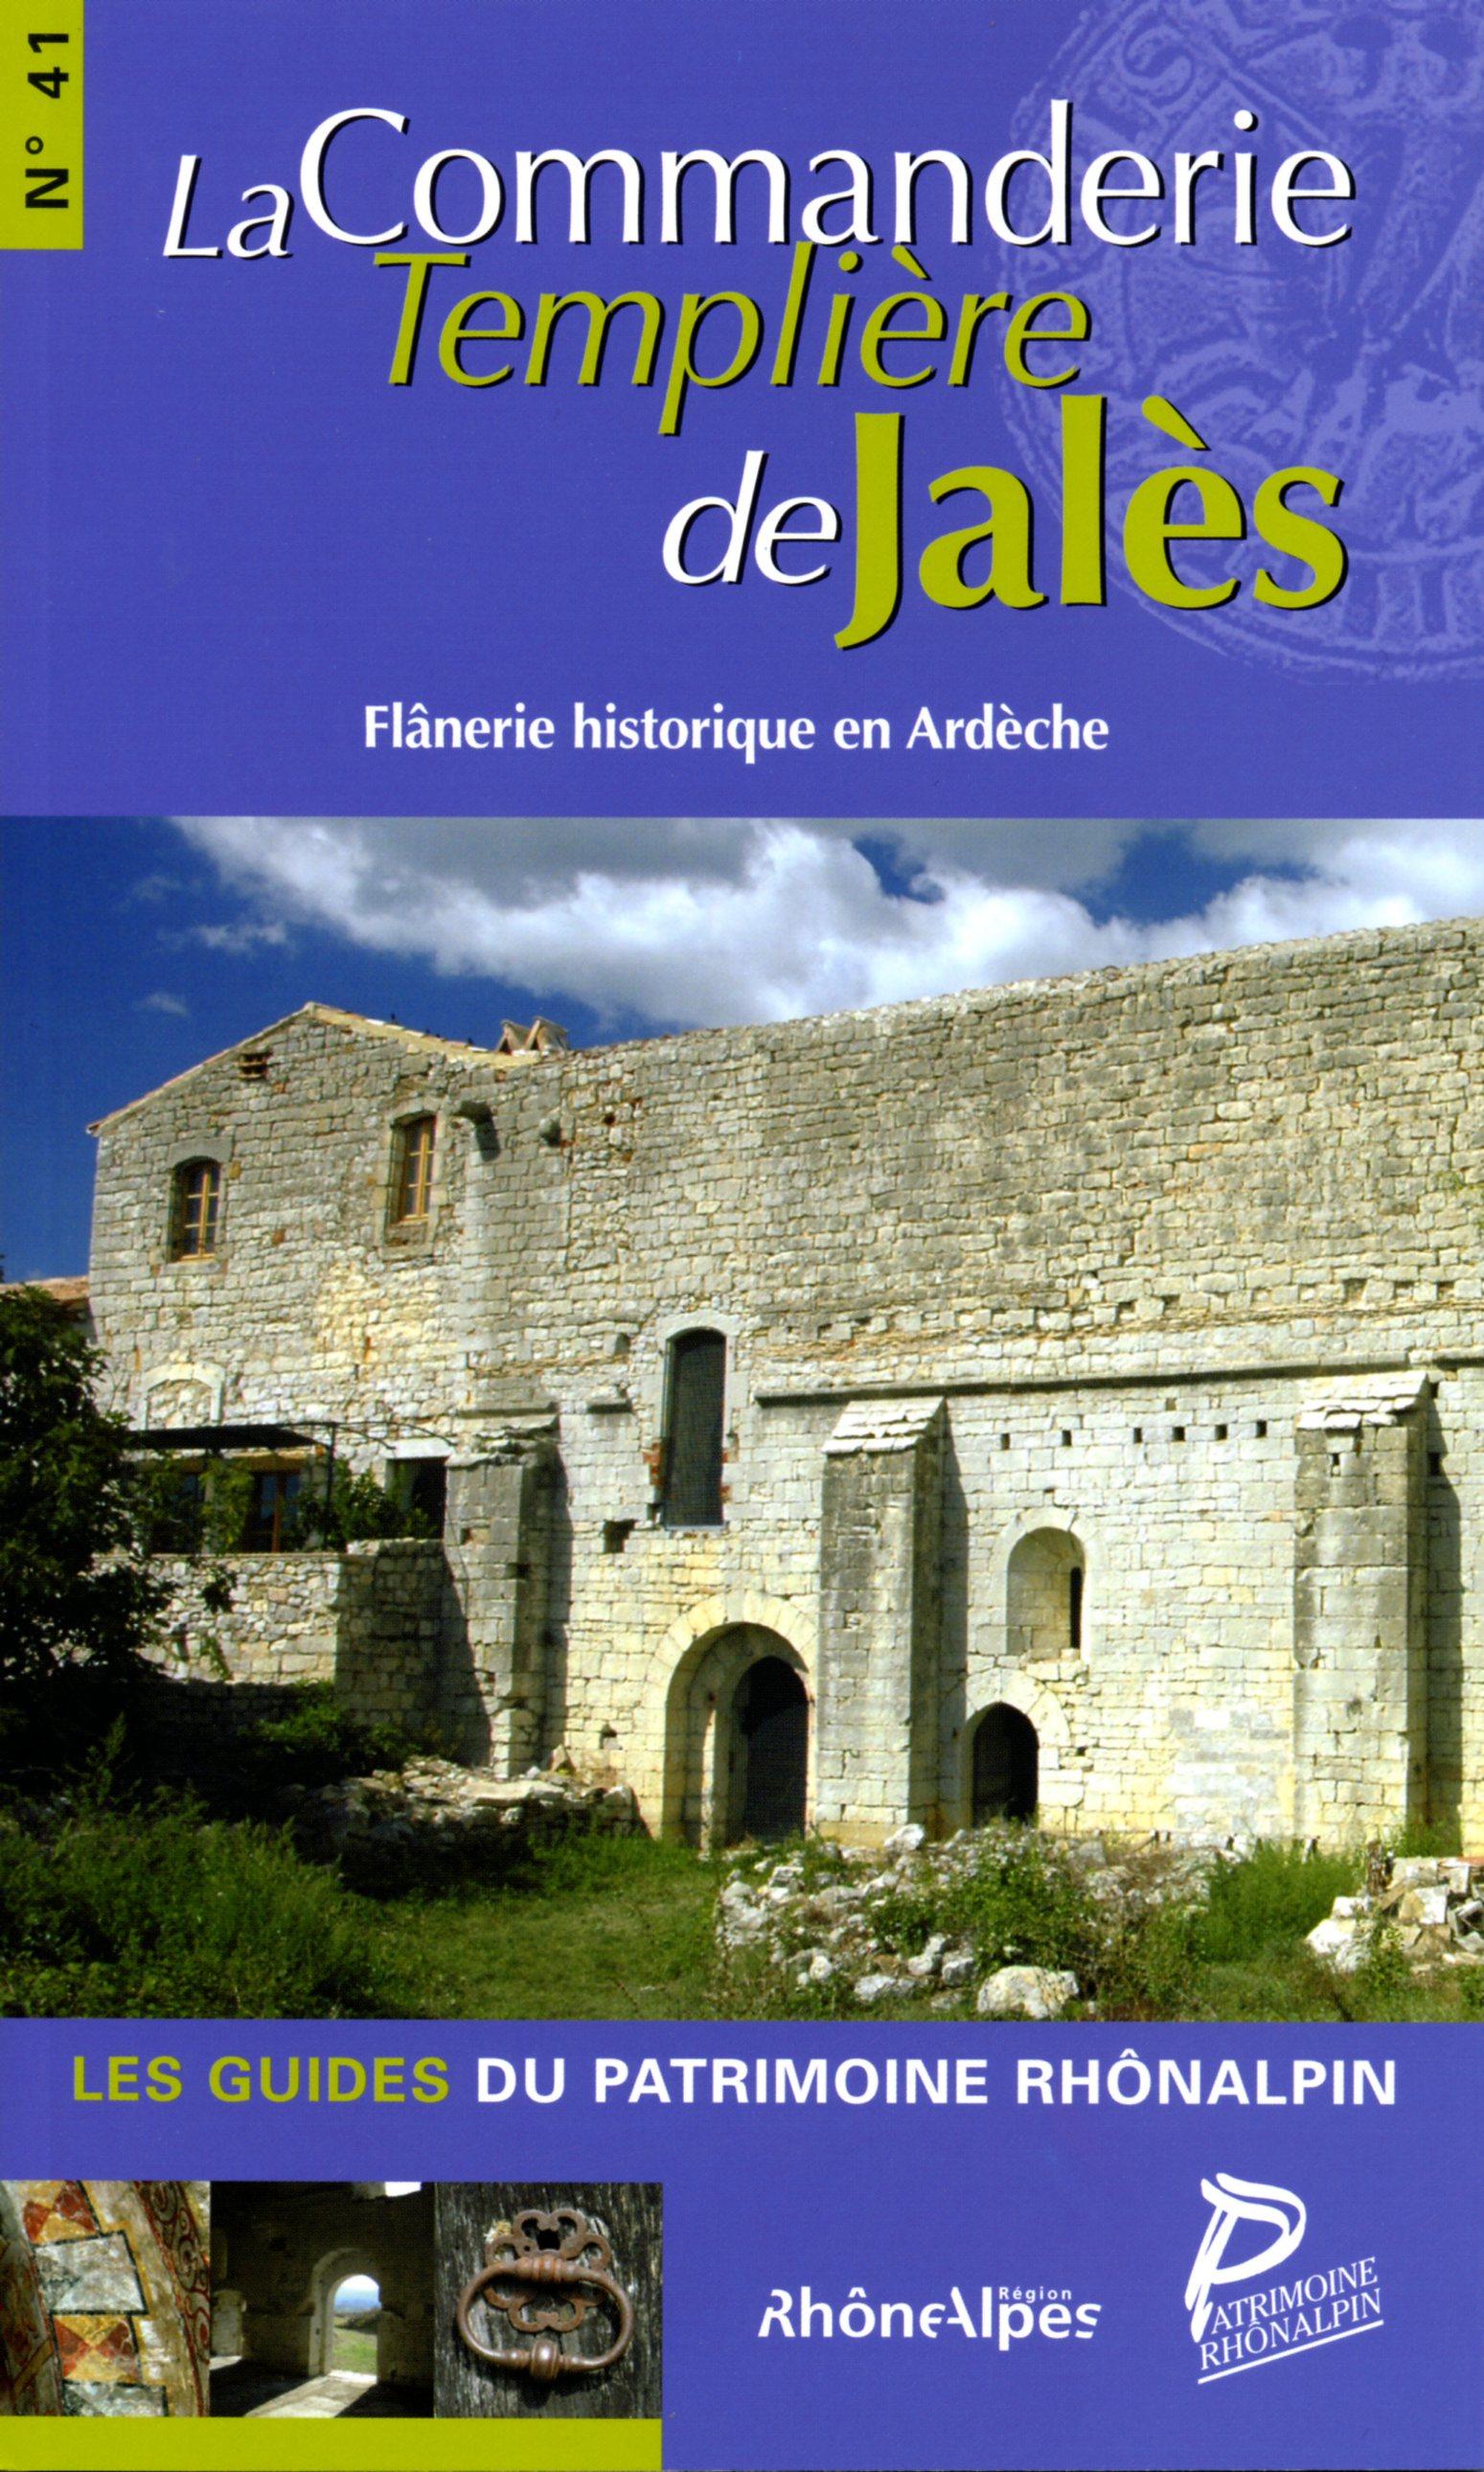 Guide n°41 – La commanderie templière de Jalès